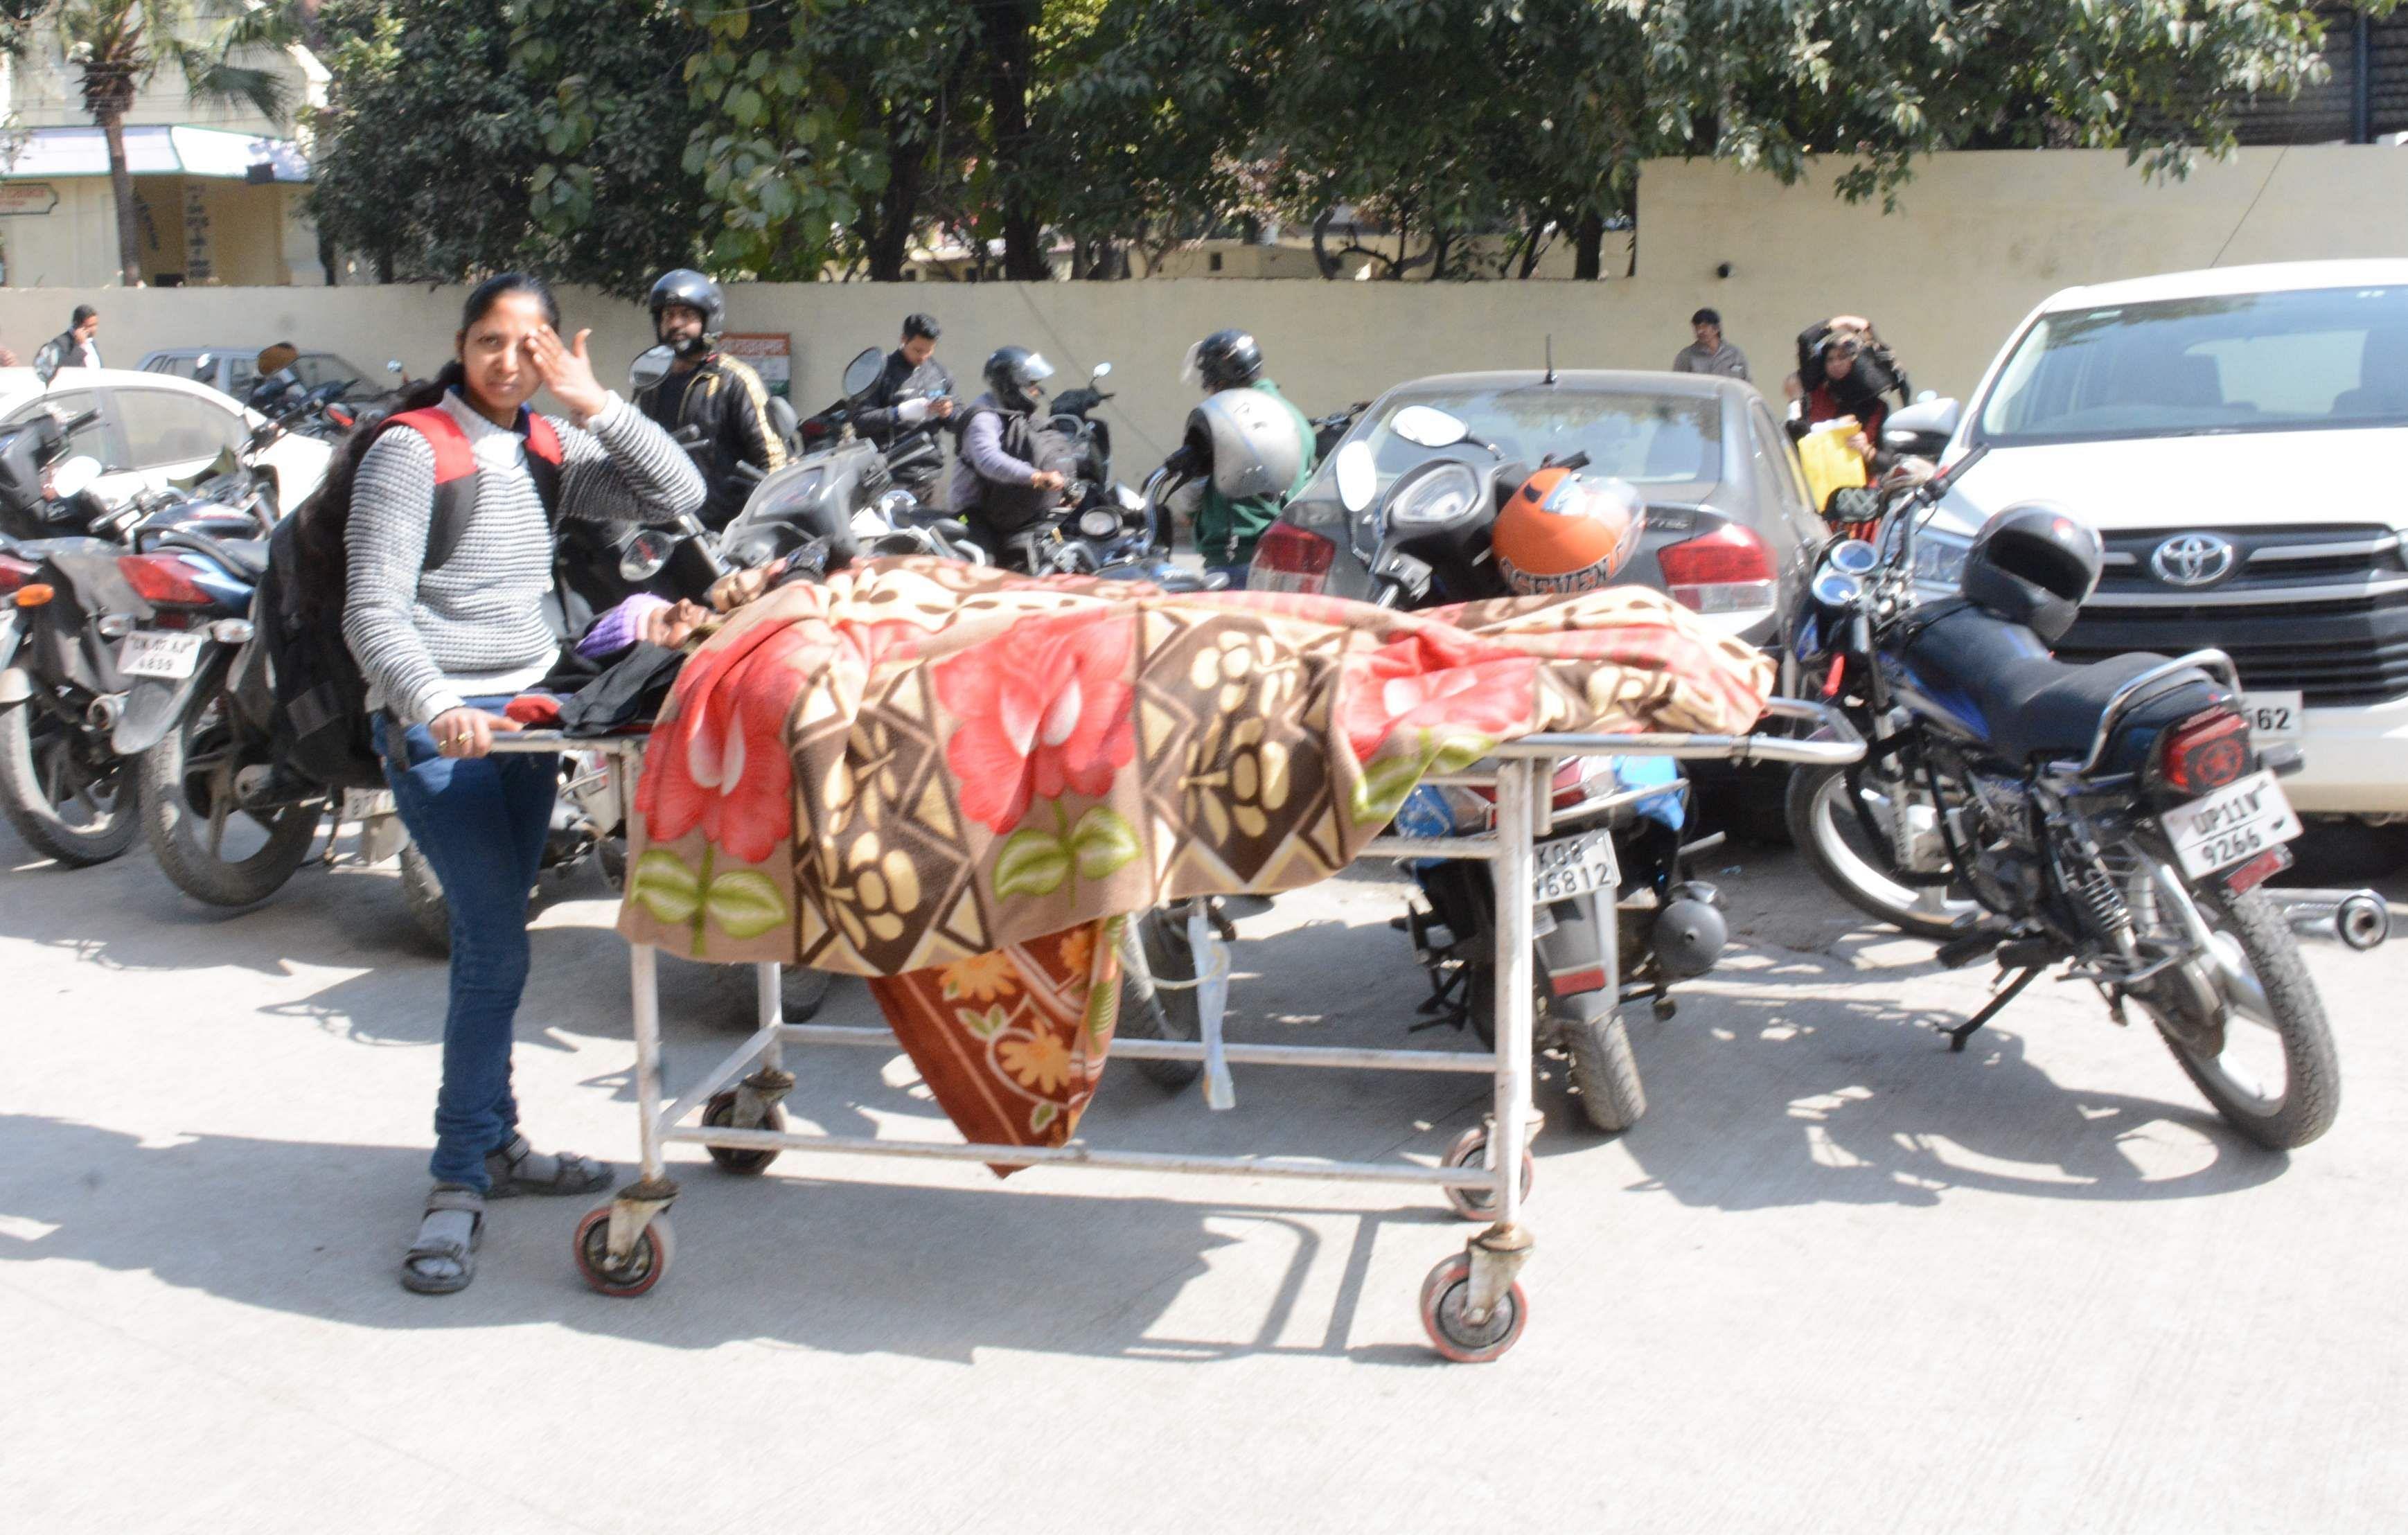 राजकीय दून मेडिकल चिकित्सालय के बाहर स्ट्रेचर में अपने परिजन को लिटाकर खड़ी युवती ।